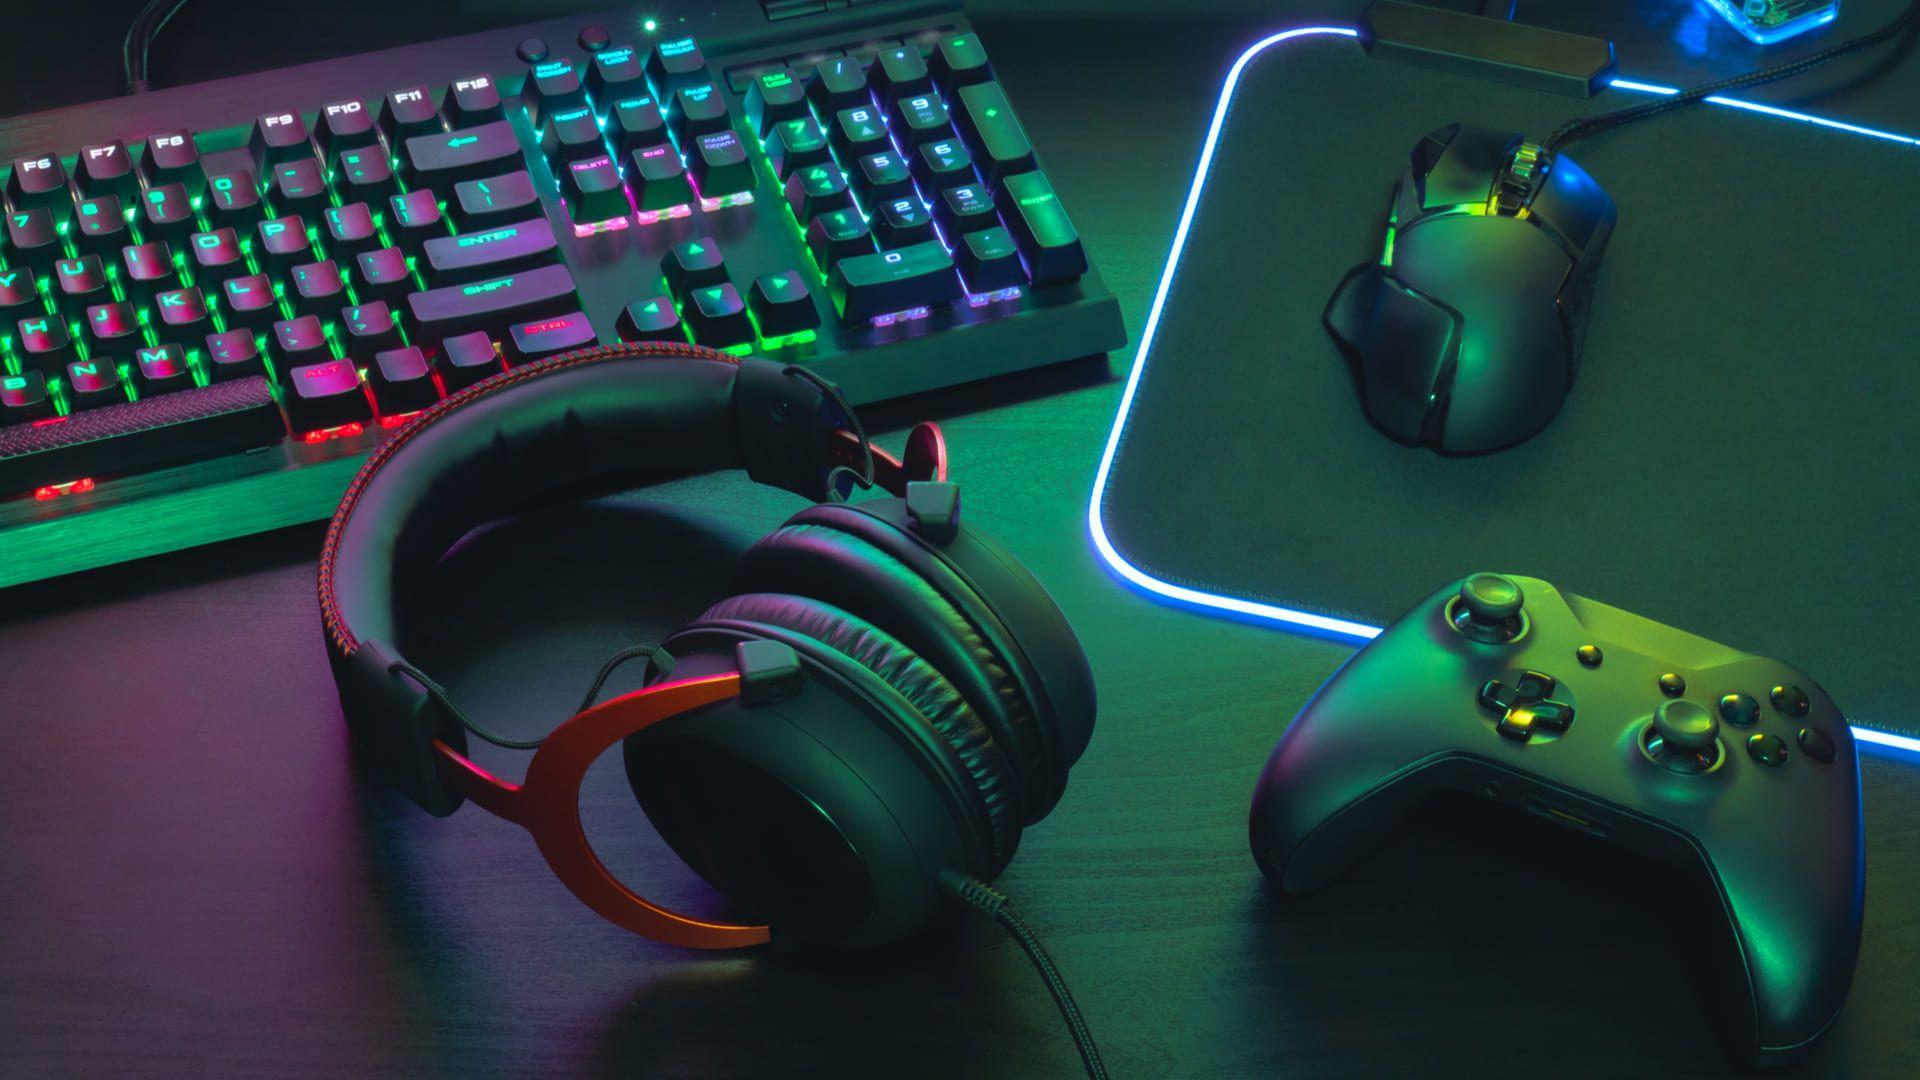 Acessórios gamers sobre mesa de computador